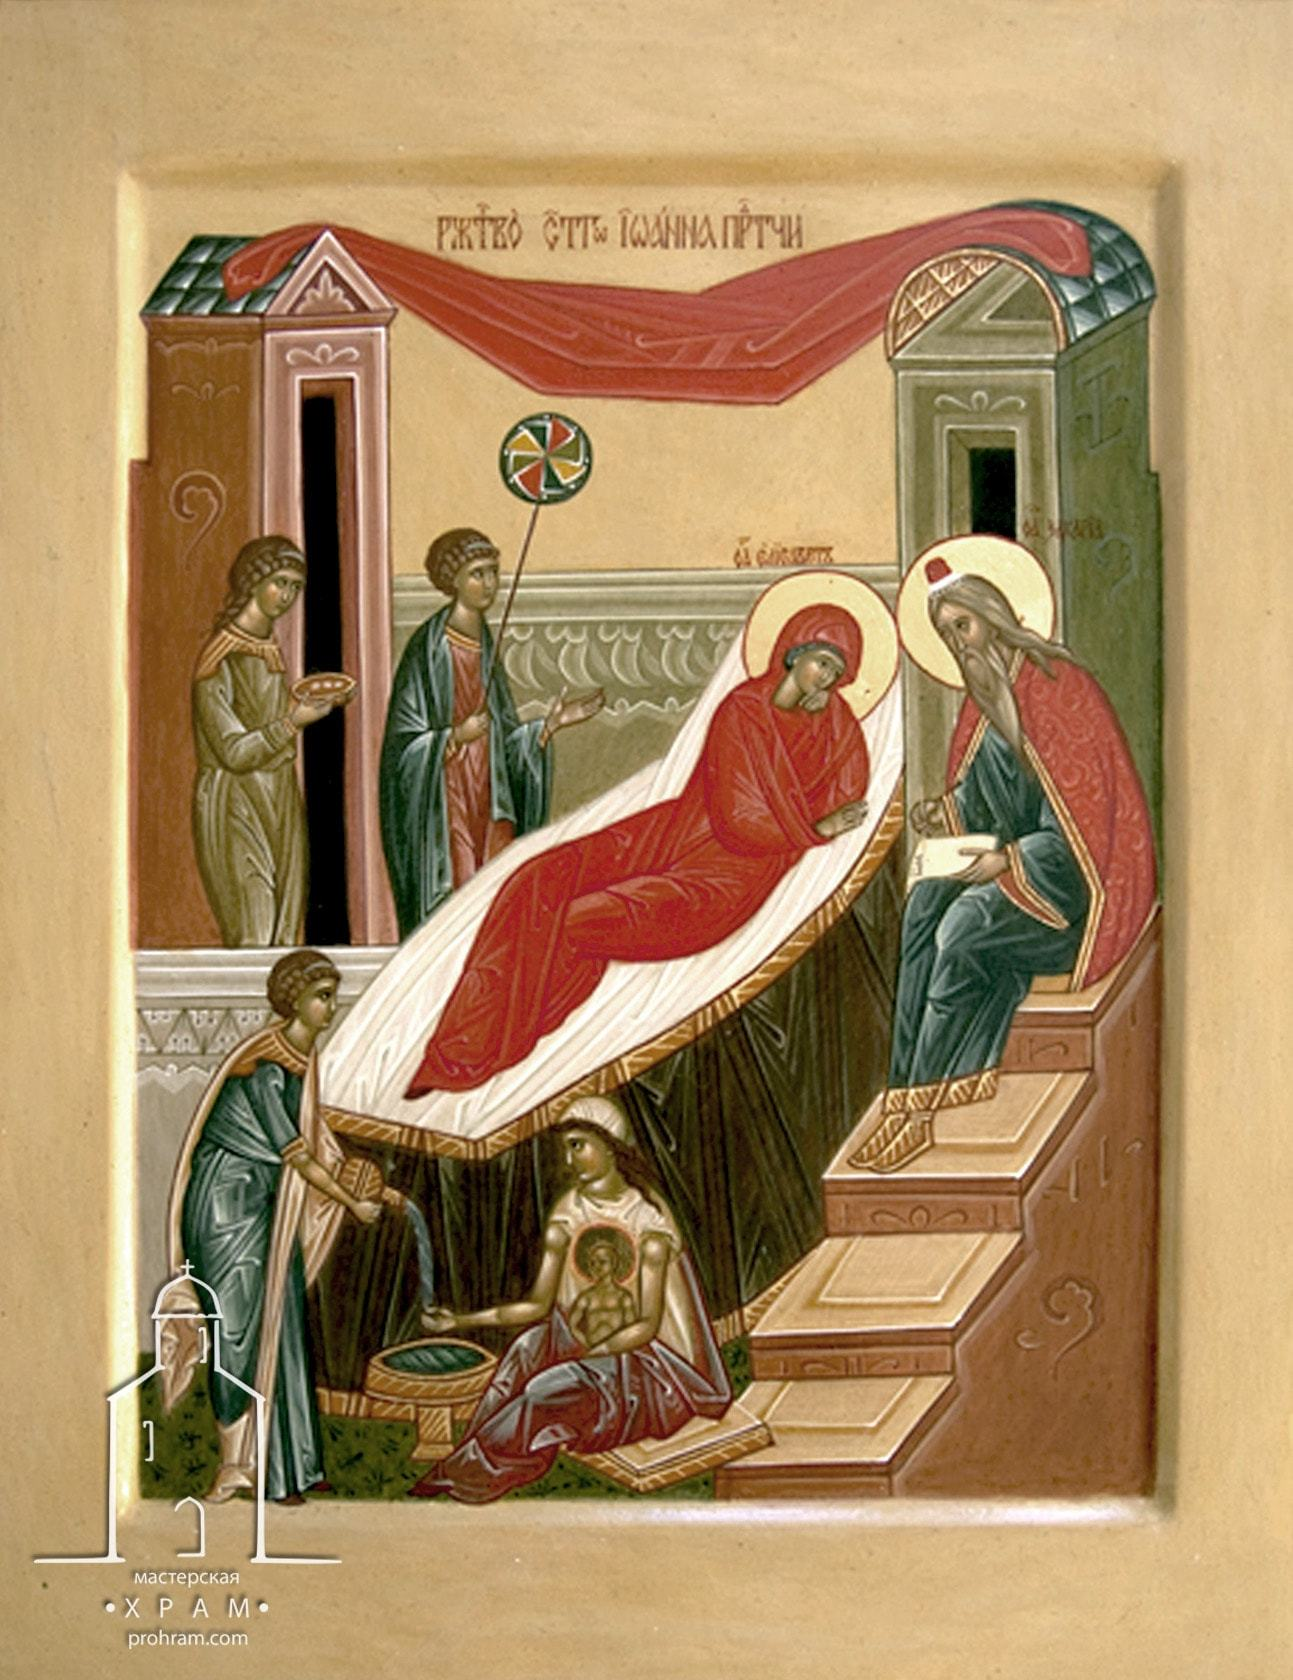 написание икон, заказать написание икон, написание икон на заказ, писаная икона, купить писаную икону, рождество святого иоанна предтечи